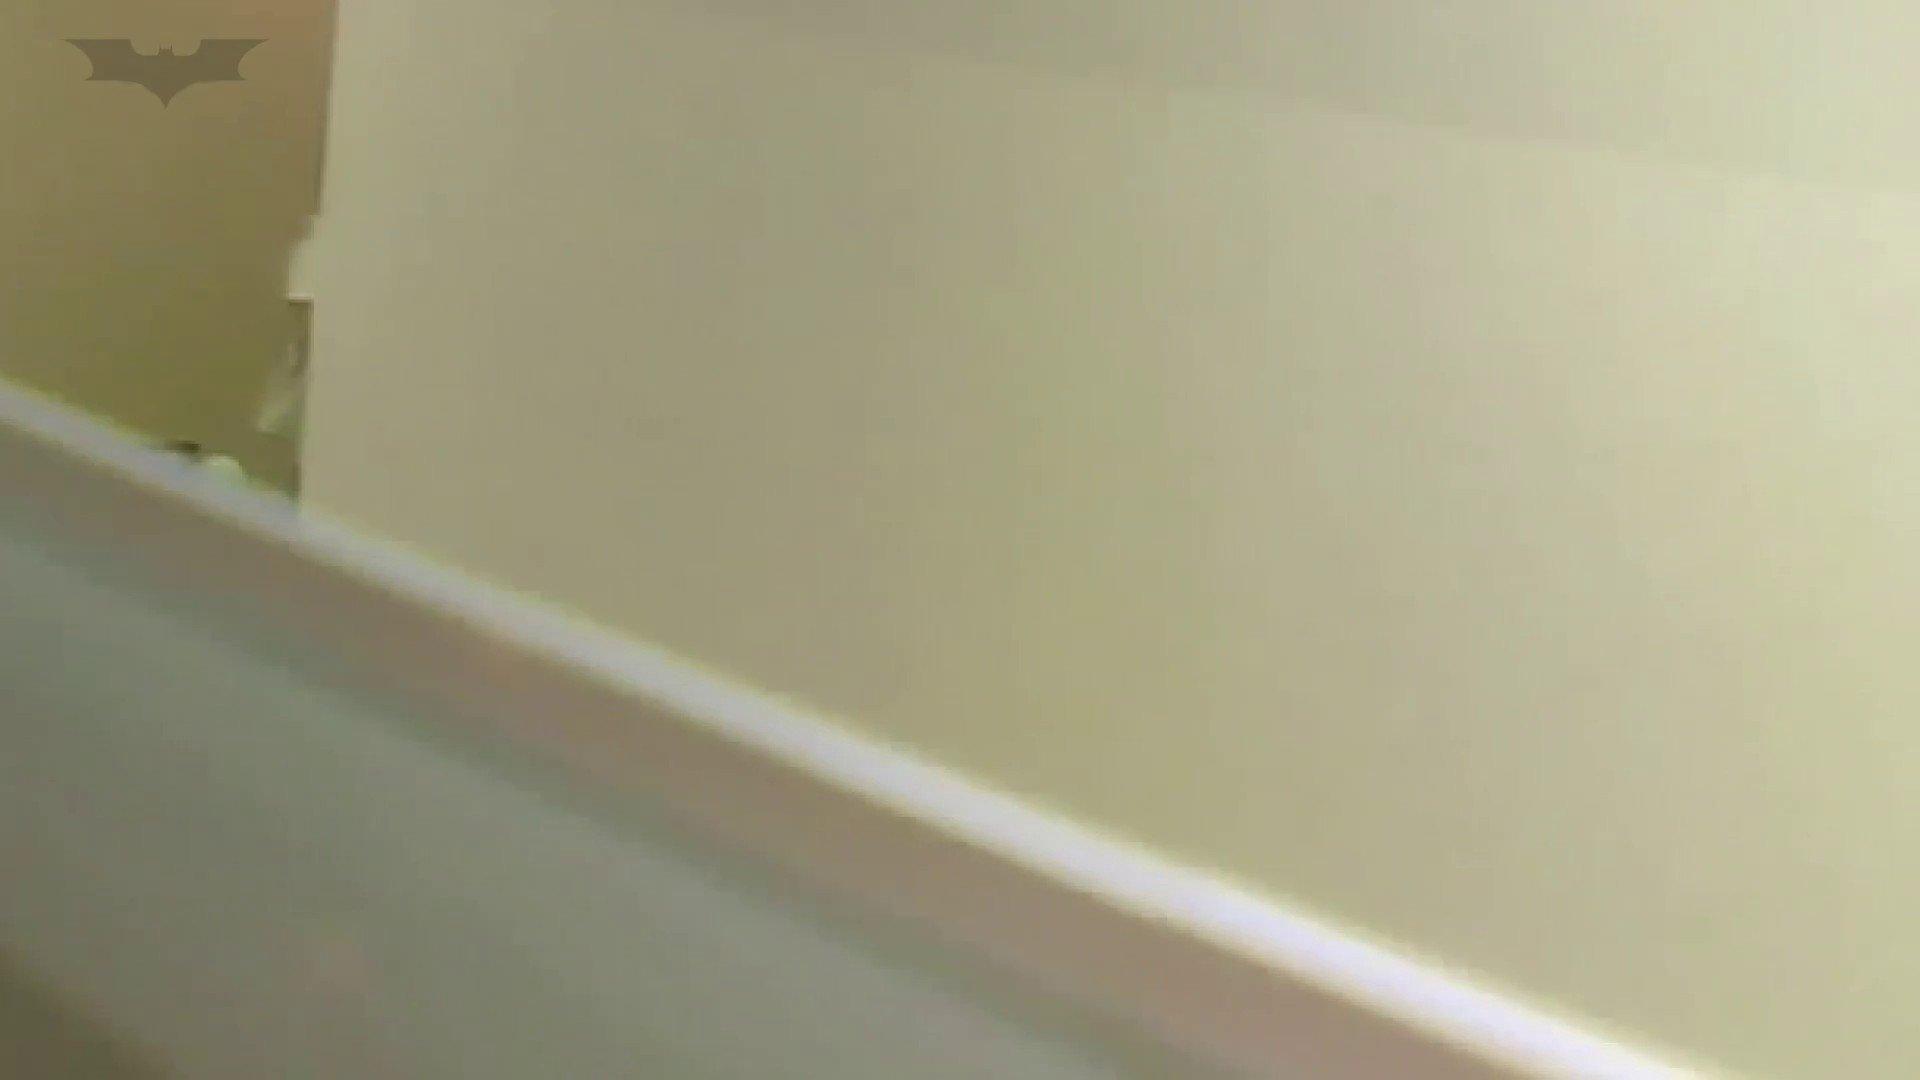 夏の思い出浜辺トイレ盗撮Vol.18 潜入エロ調査 | 盗撮エロすぎ  65連発 16